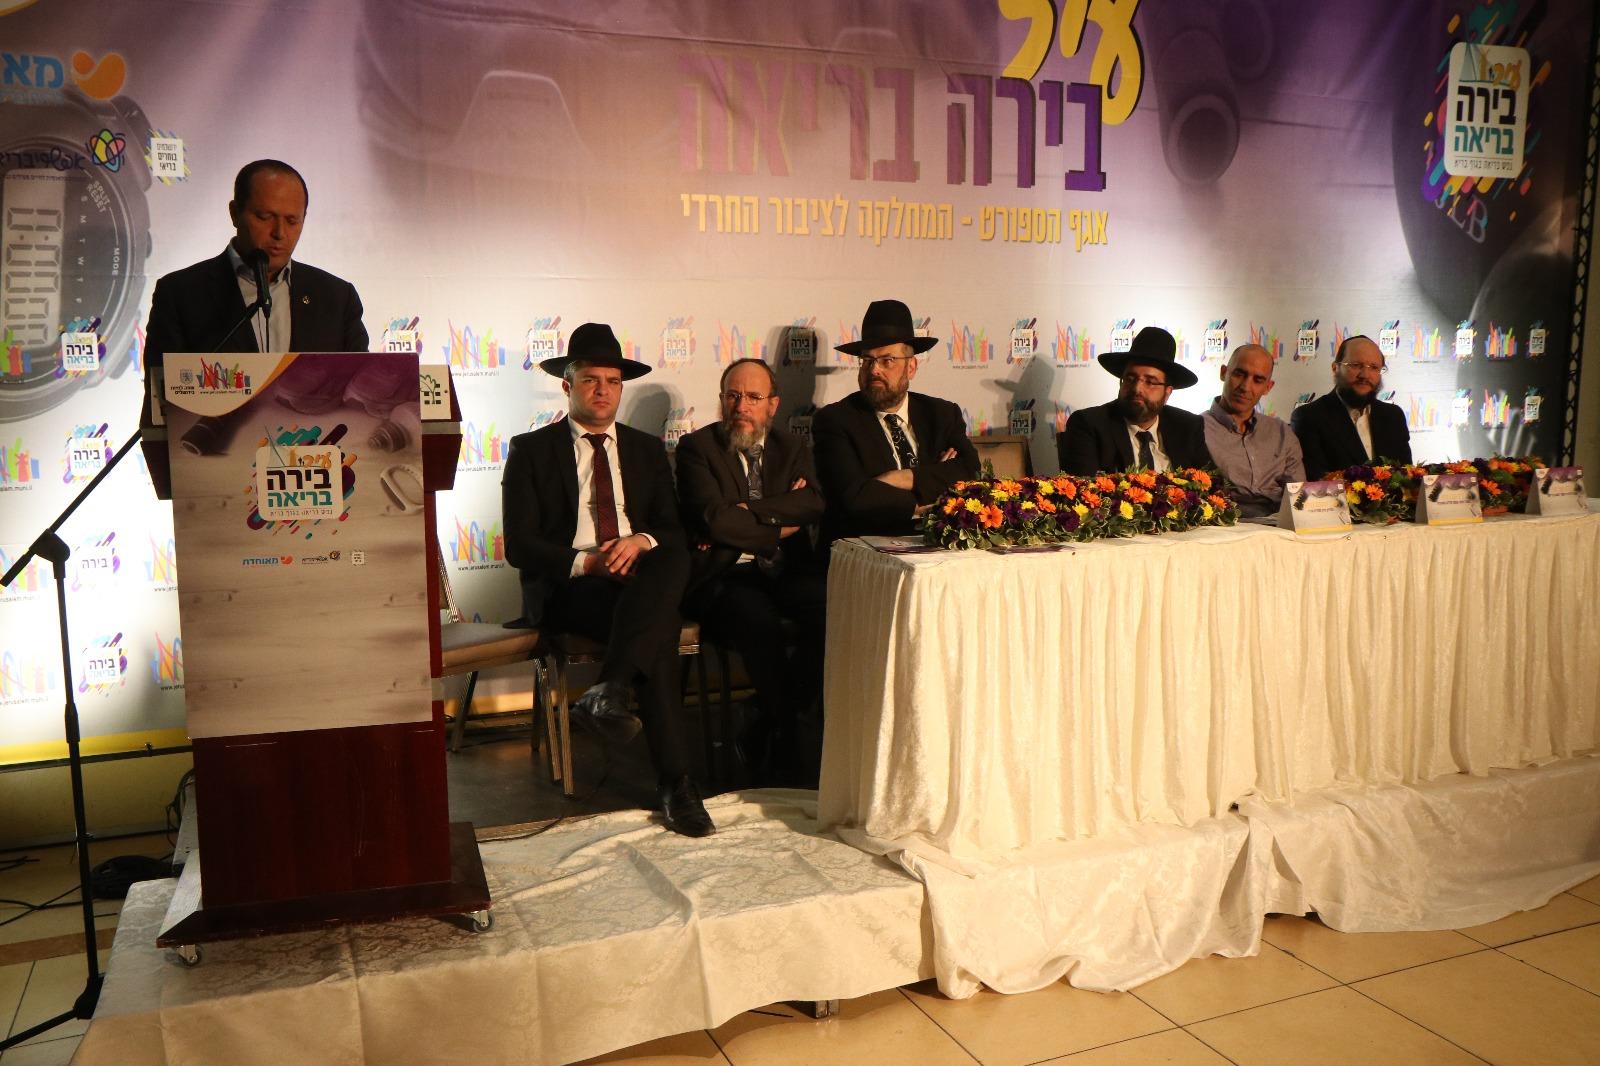 במעמד ראש עיריית ירושלים והנהלת מאוחדת: הצלחה מרשימה לכנס